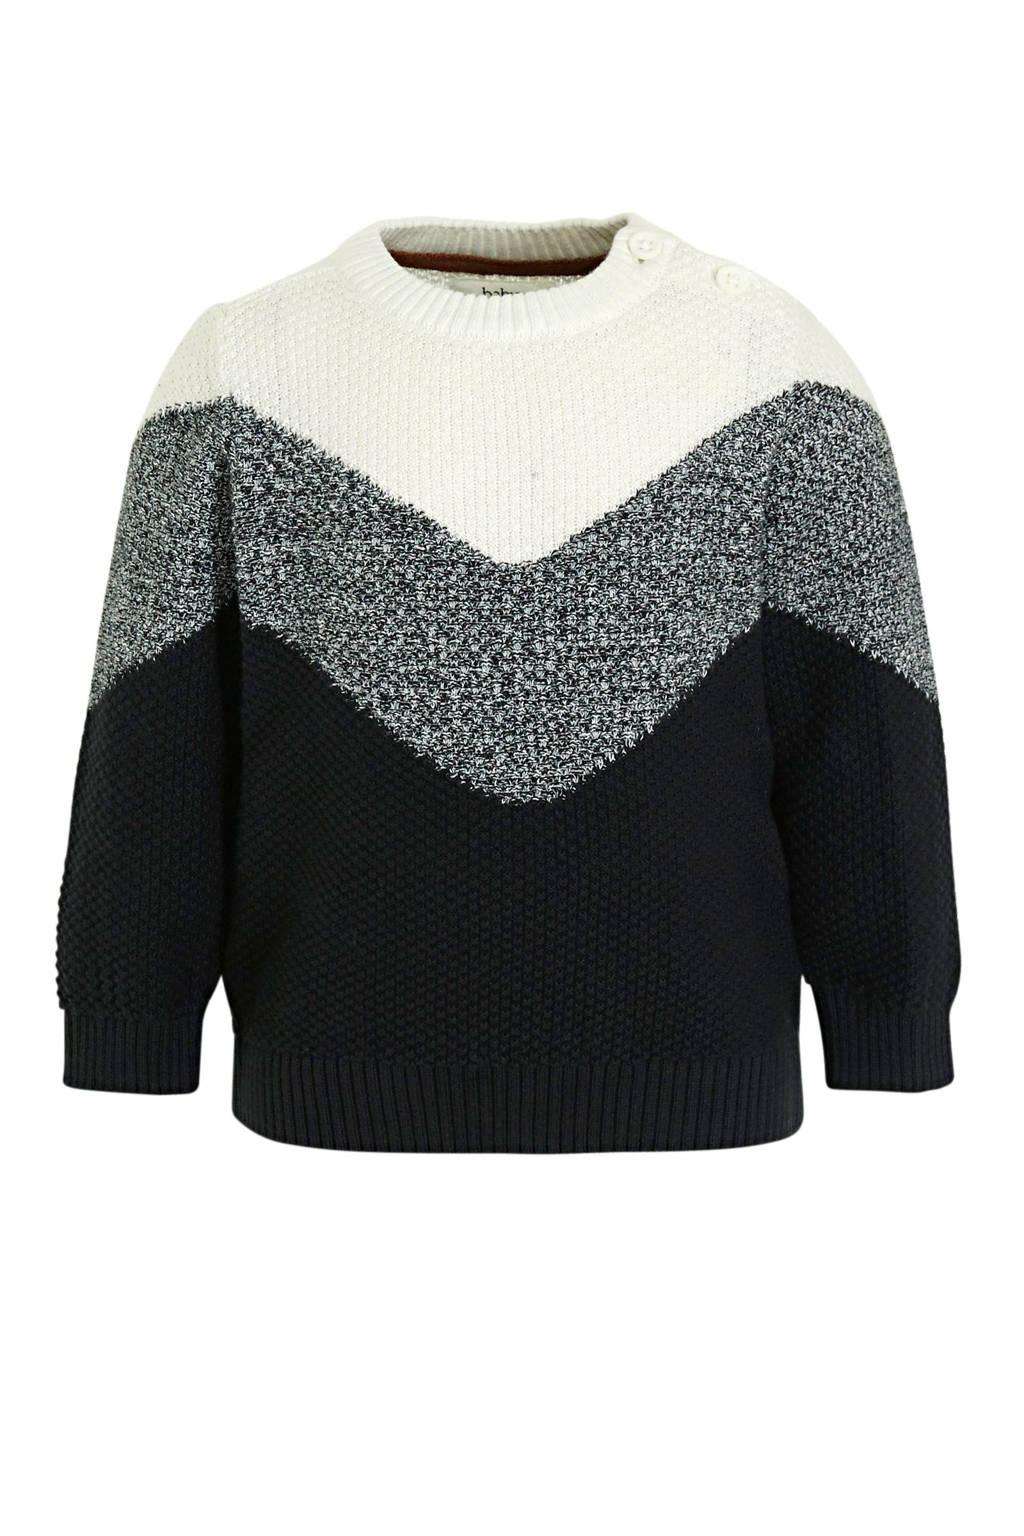 C&A Baby Club baby trui van biologisch katoen ecru/zwart, Ecru/zwart